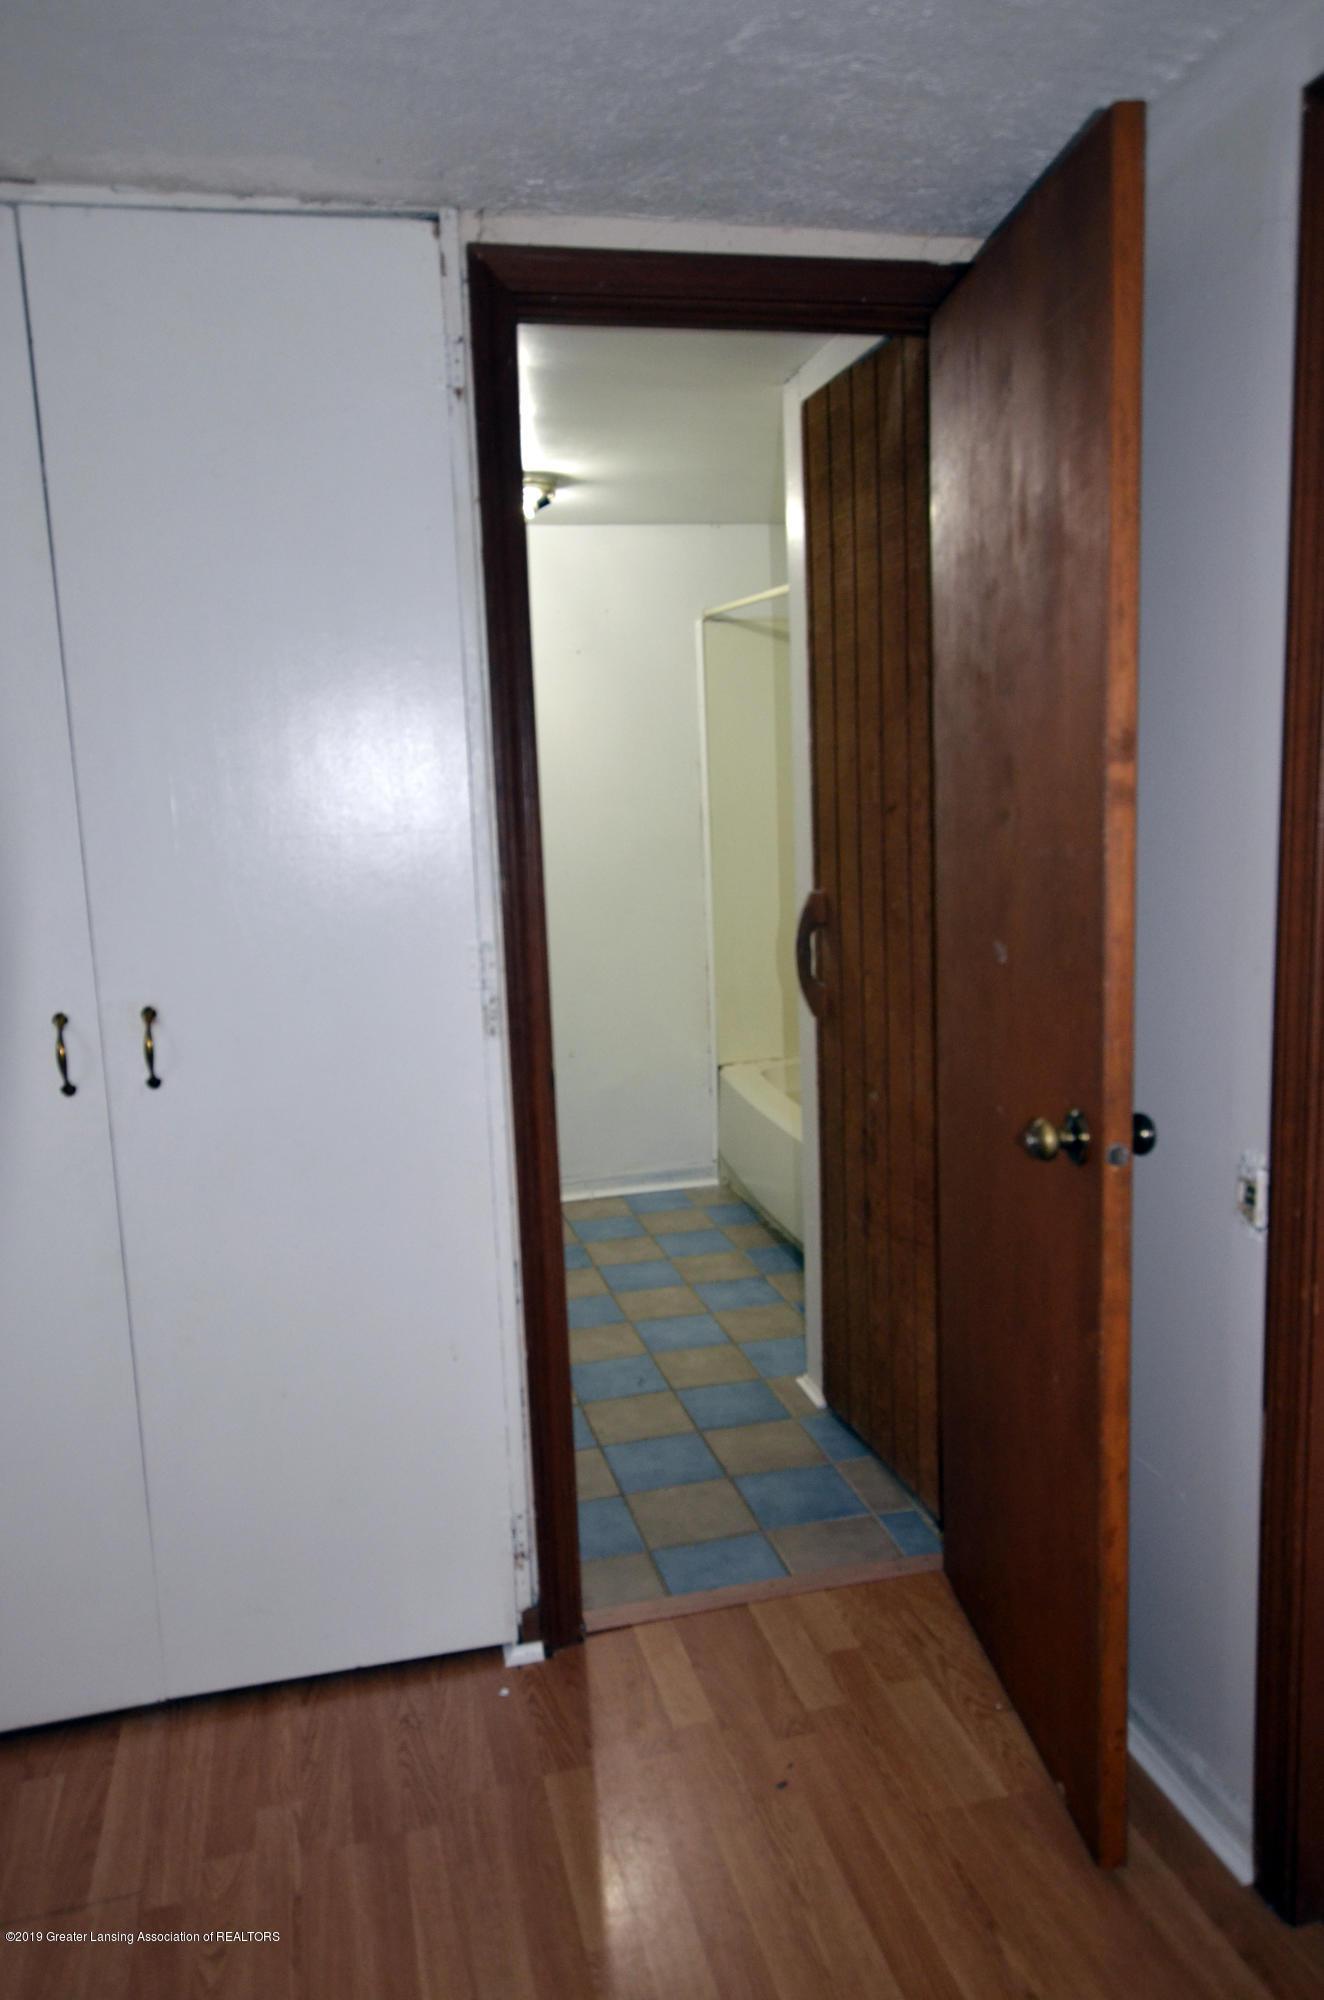 15871 Short St - 15871 Short St bedroom into bathroom - 4